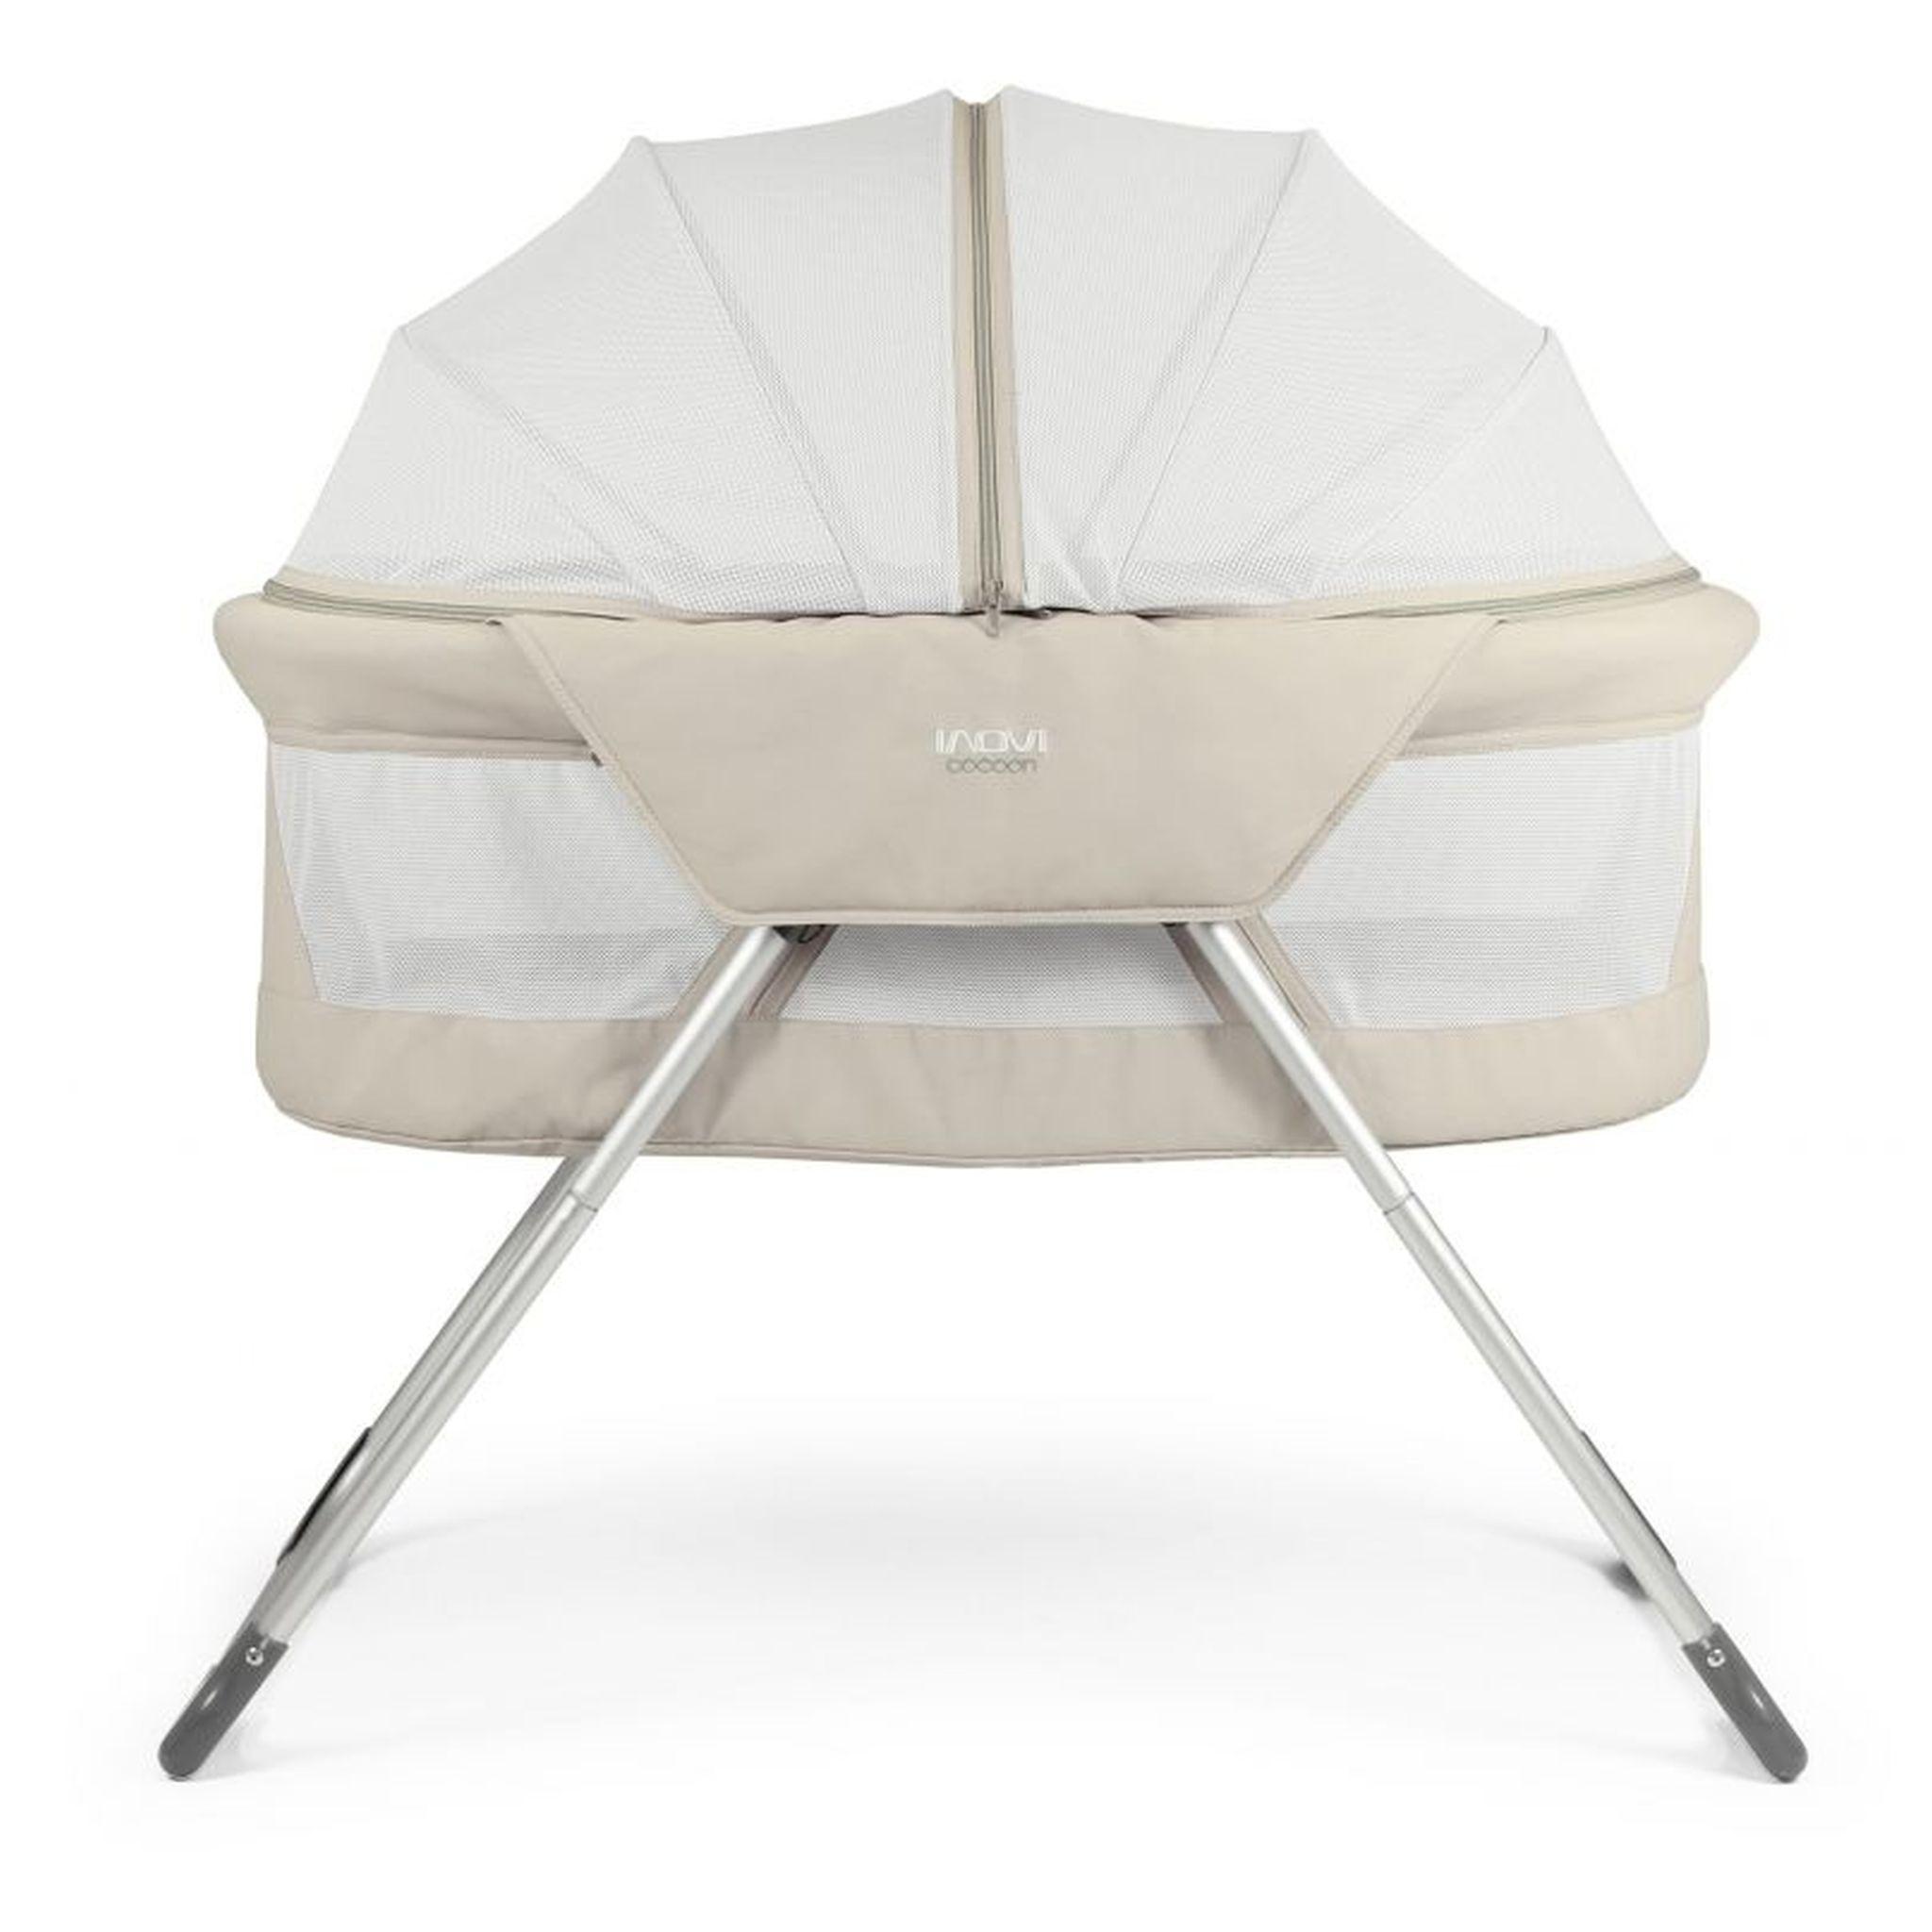 Inovi cocoon bassinet travel cot scandinavian baby